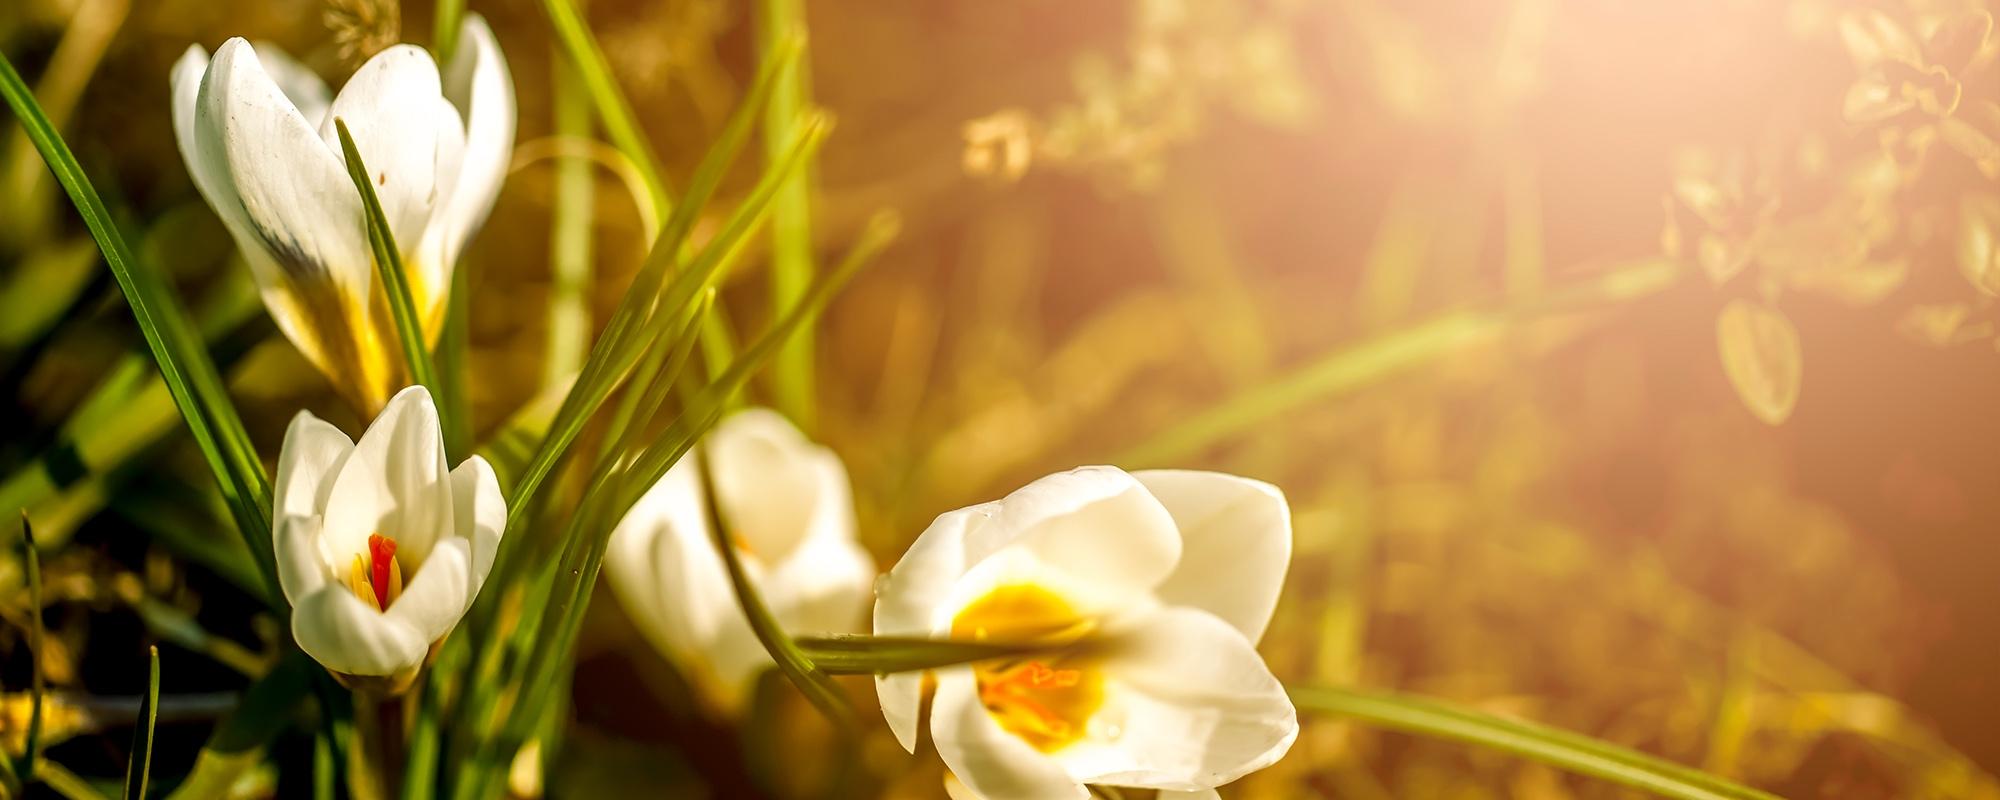 banner_blomst_morgen